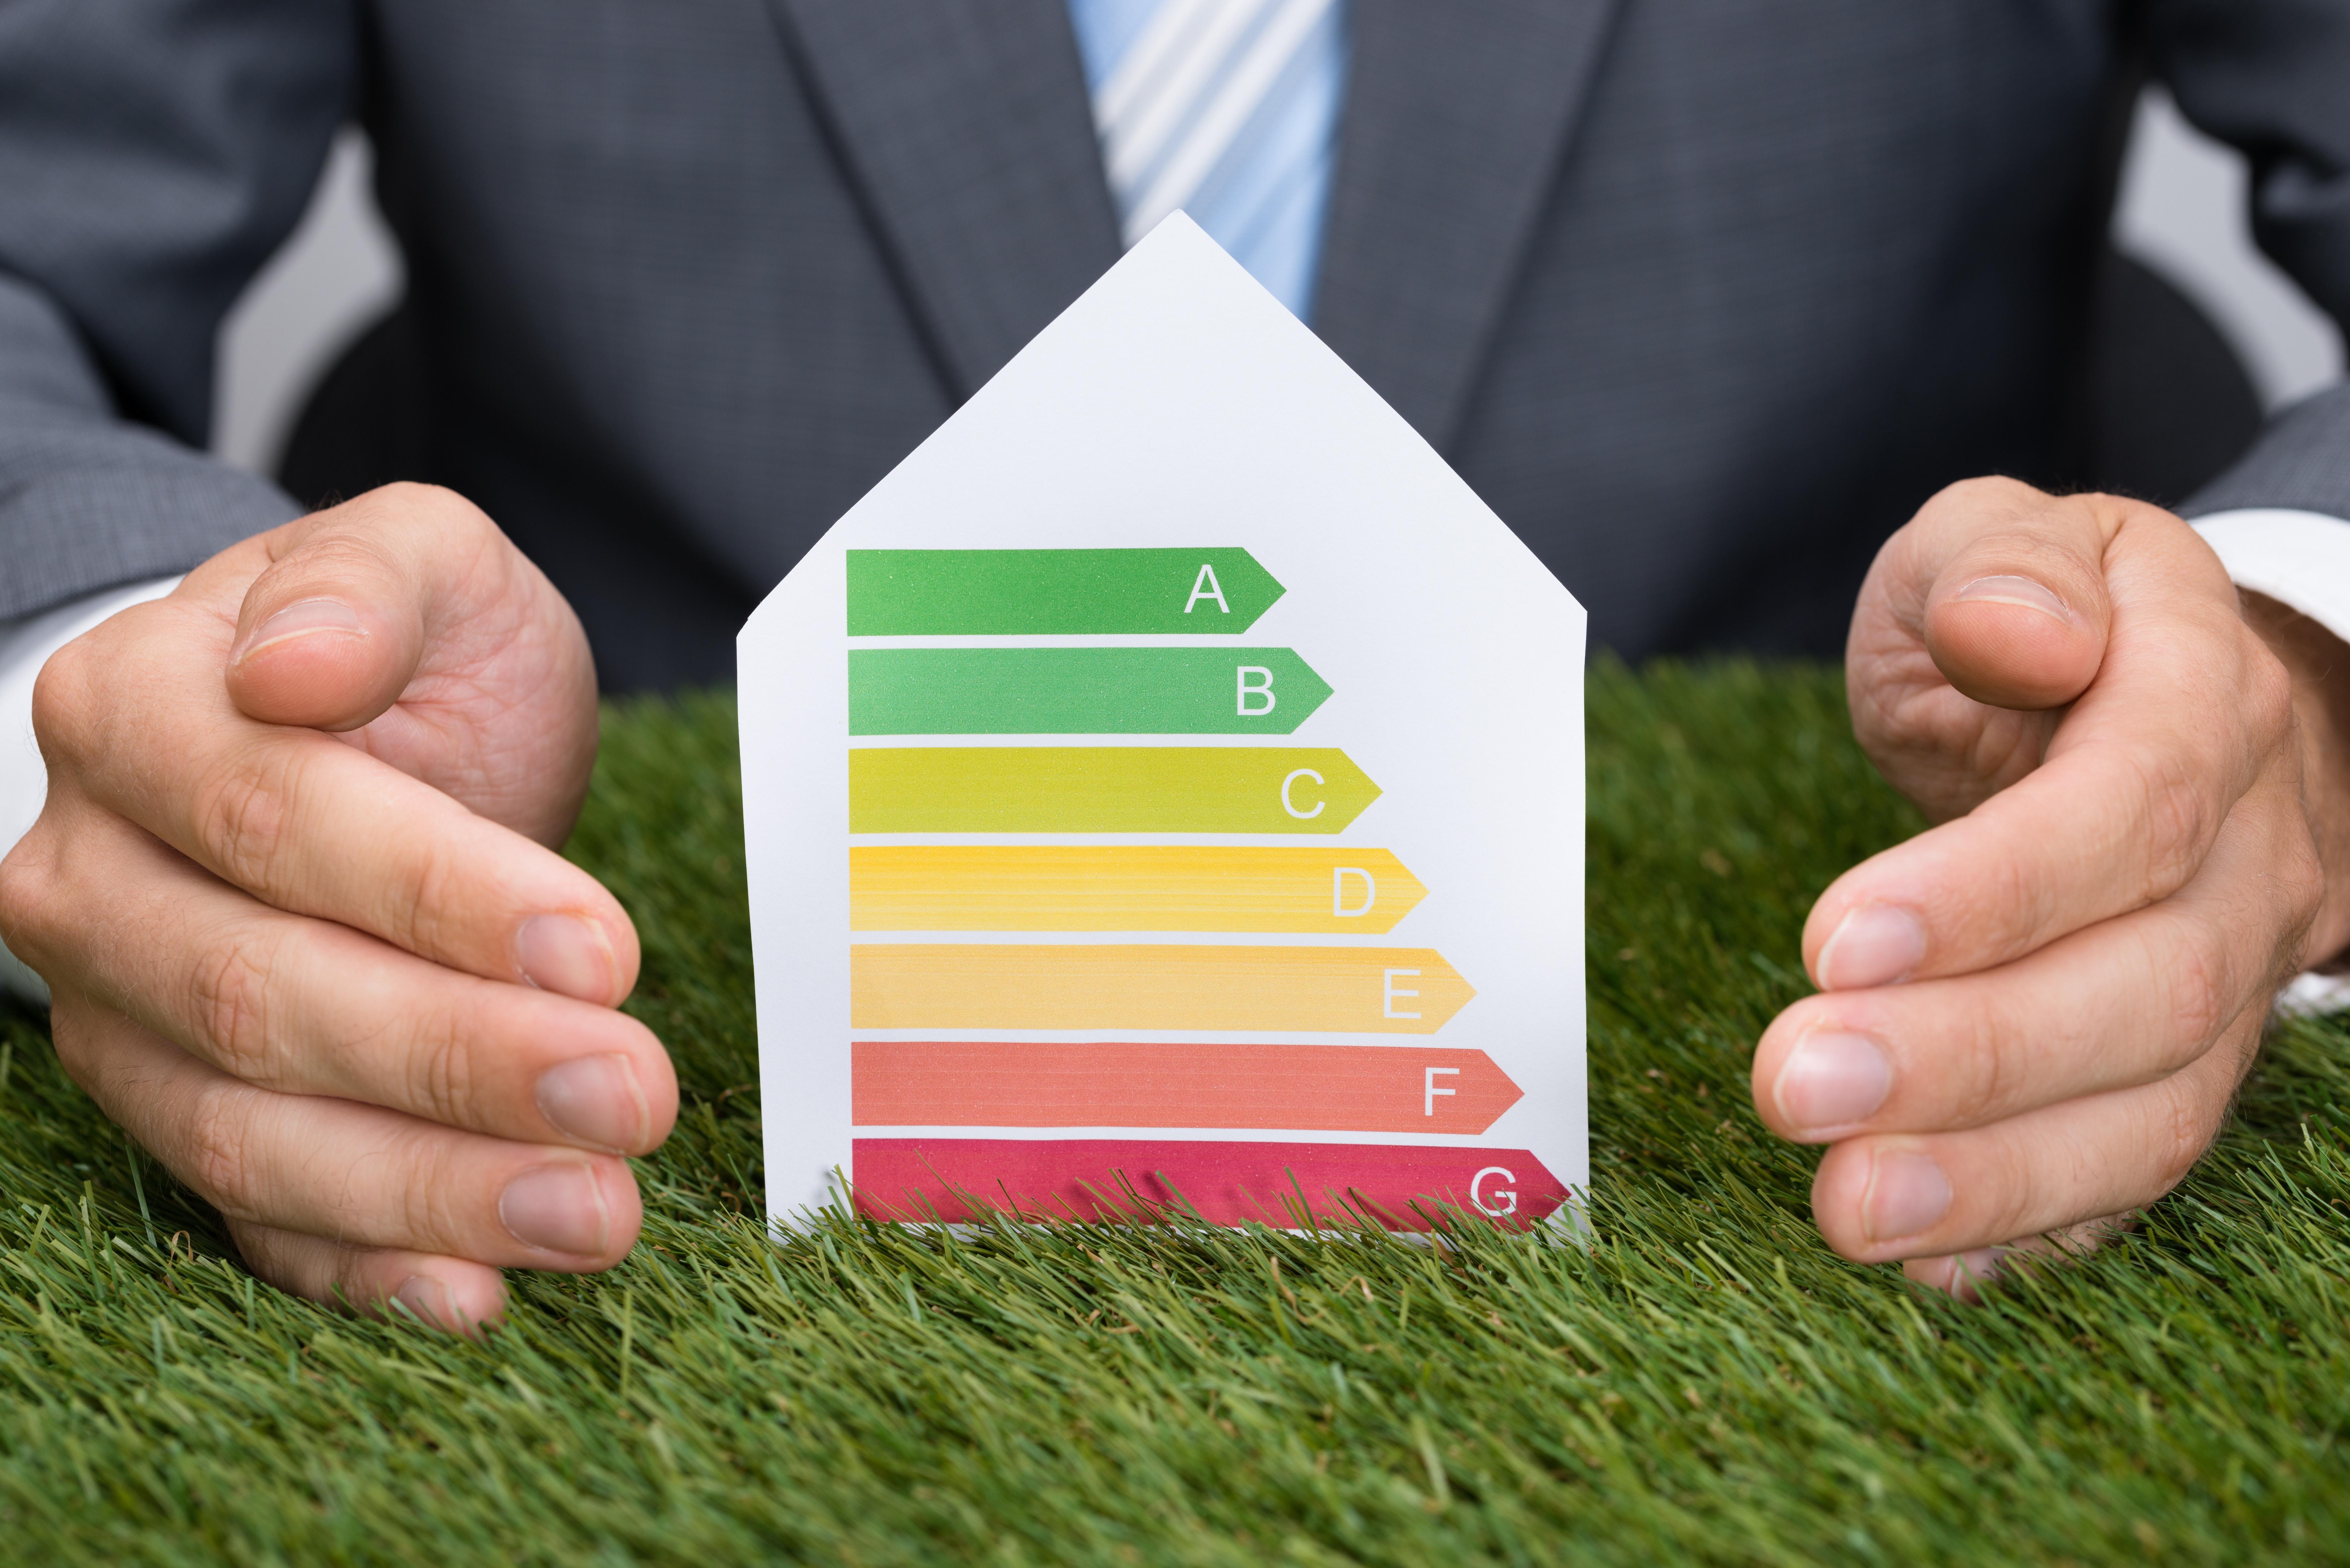 Riqualificazione energetica e sostenibilità ambientale per i condomini